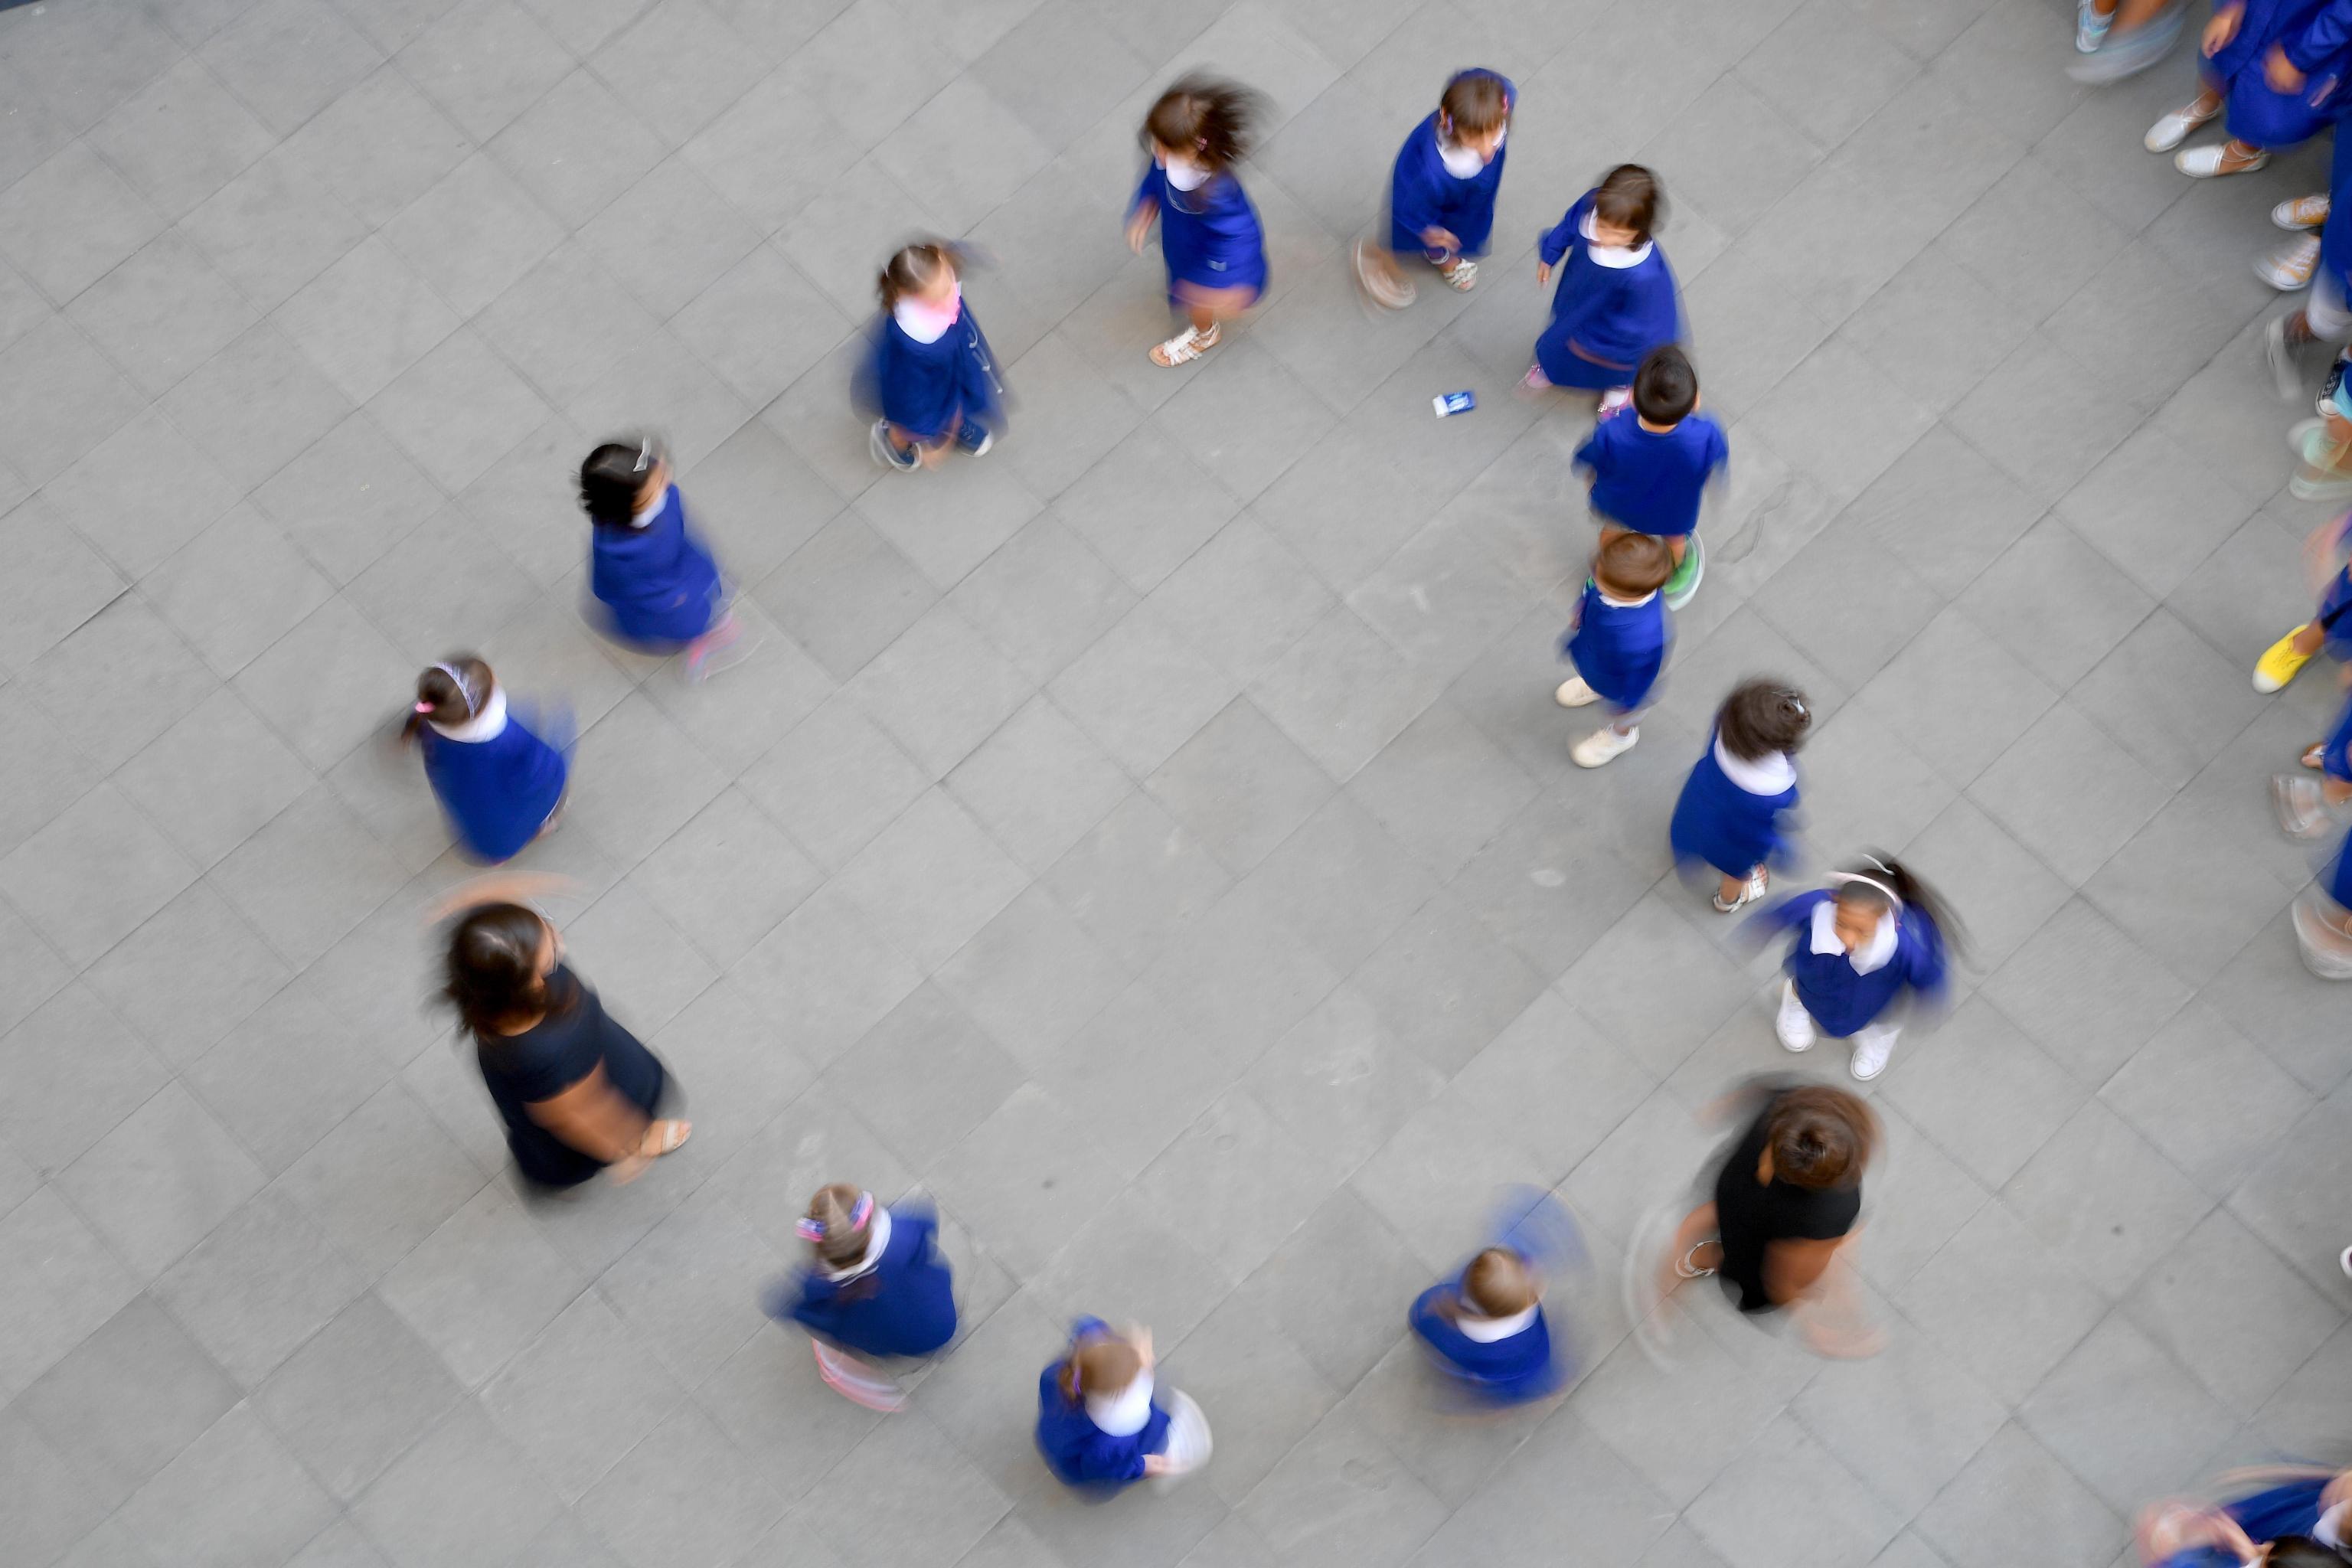 Primo giorno di scuola per i ragazzi genovesi